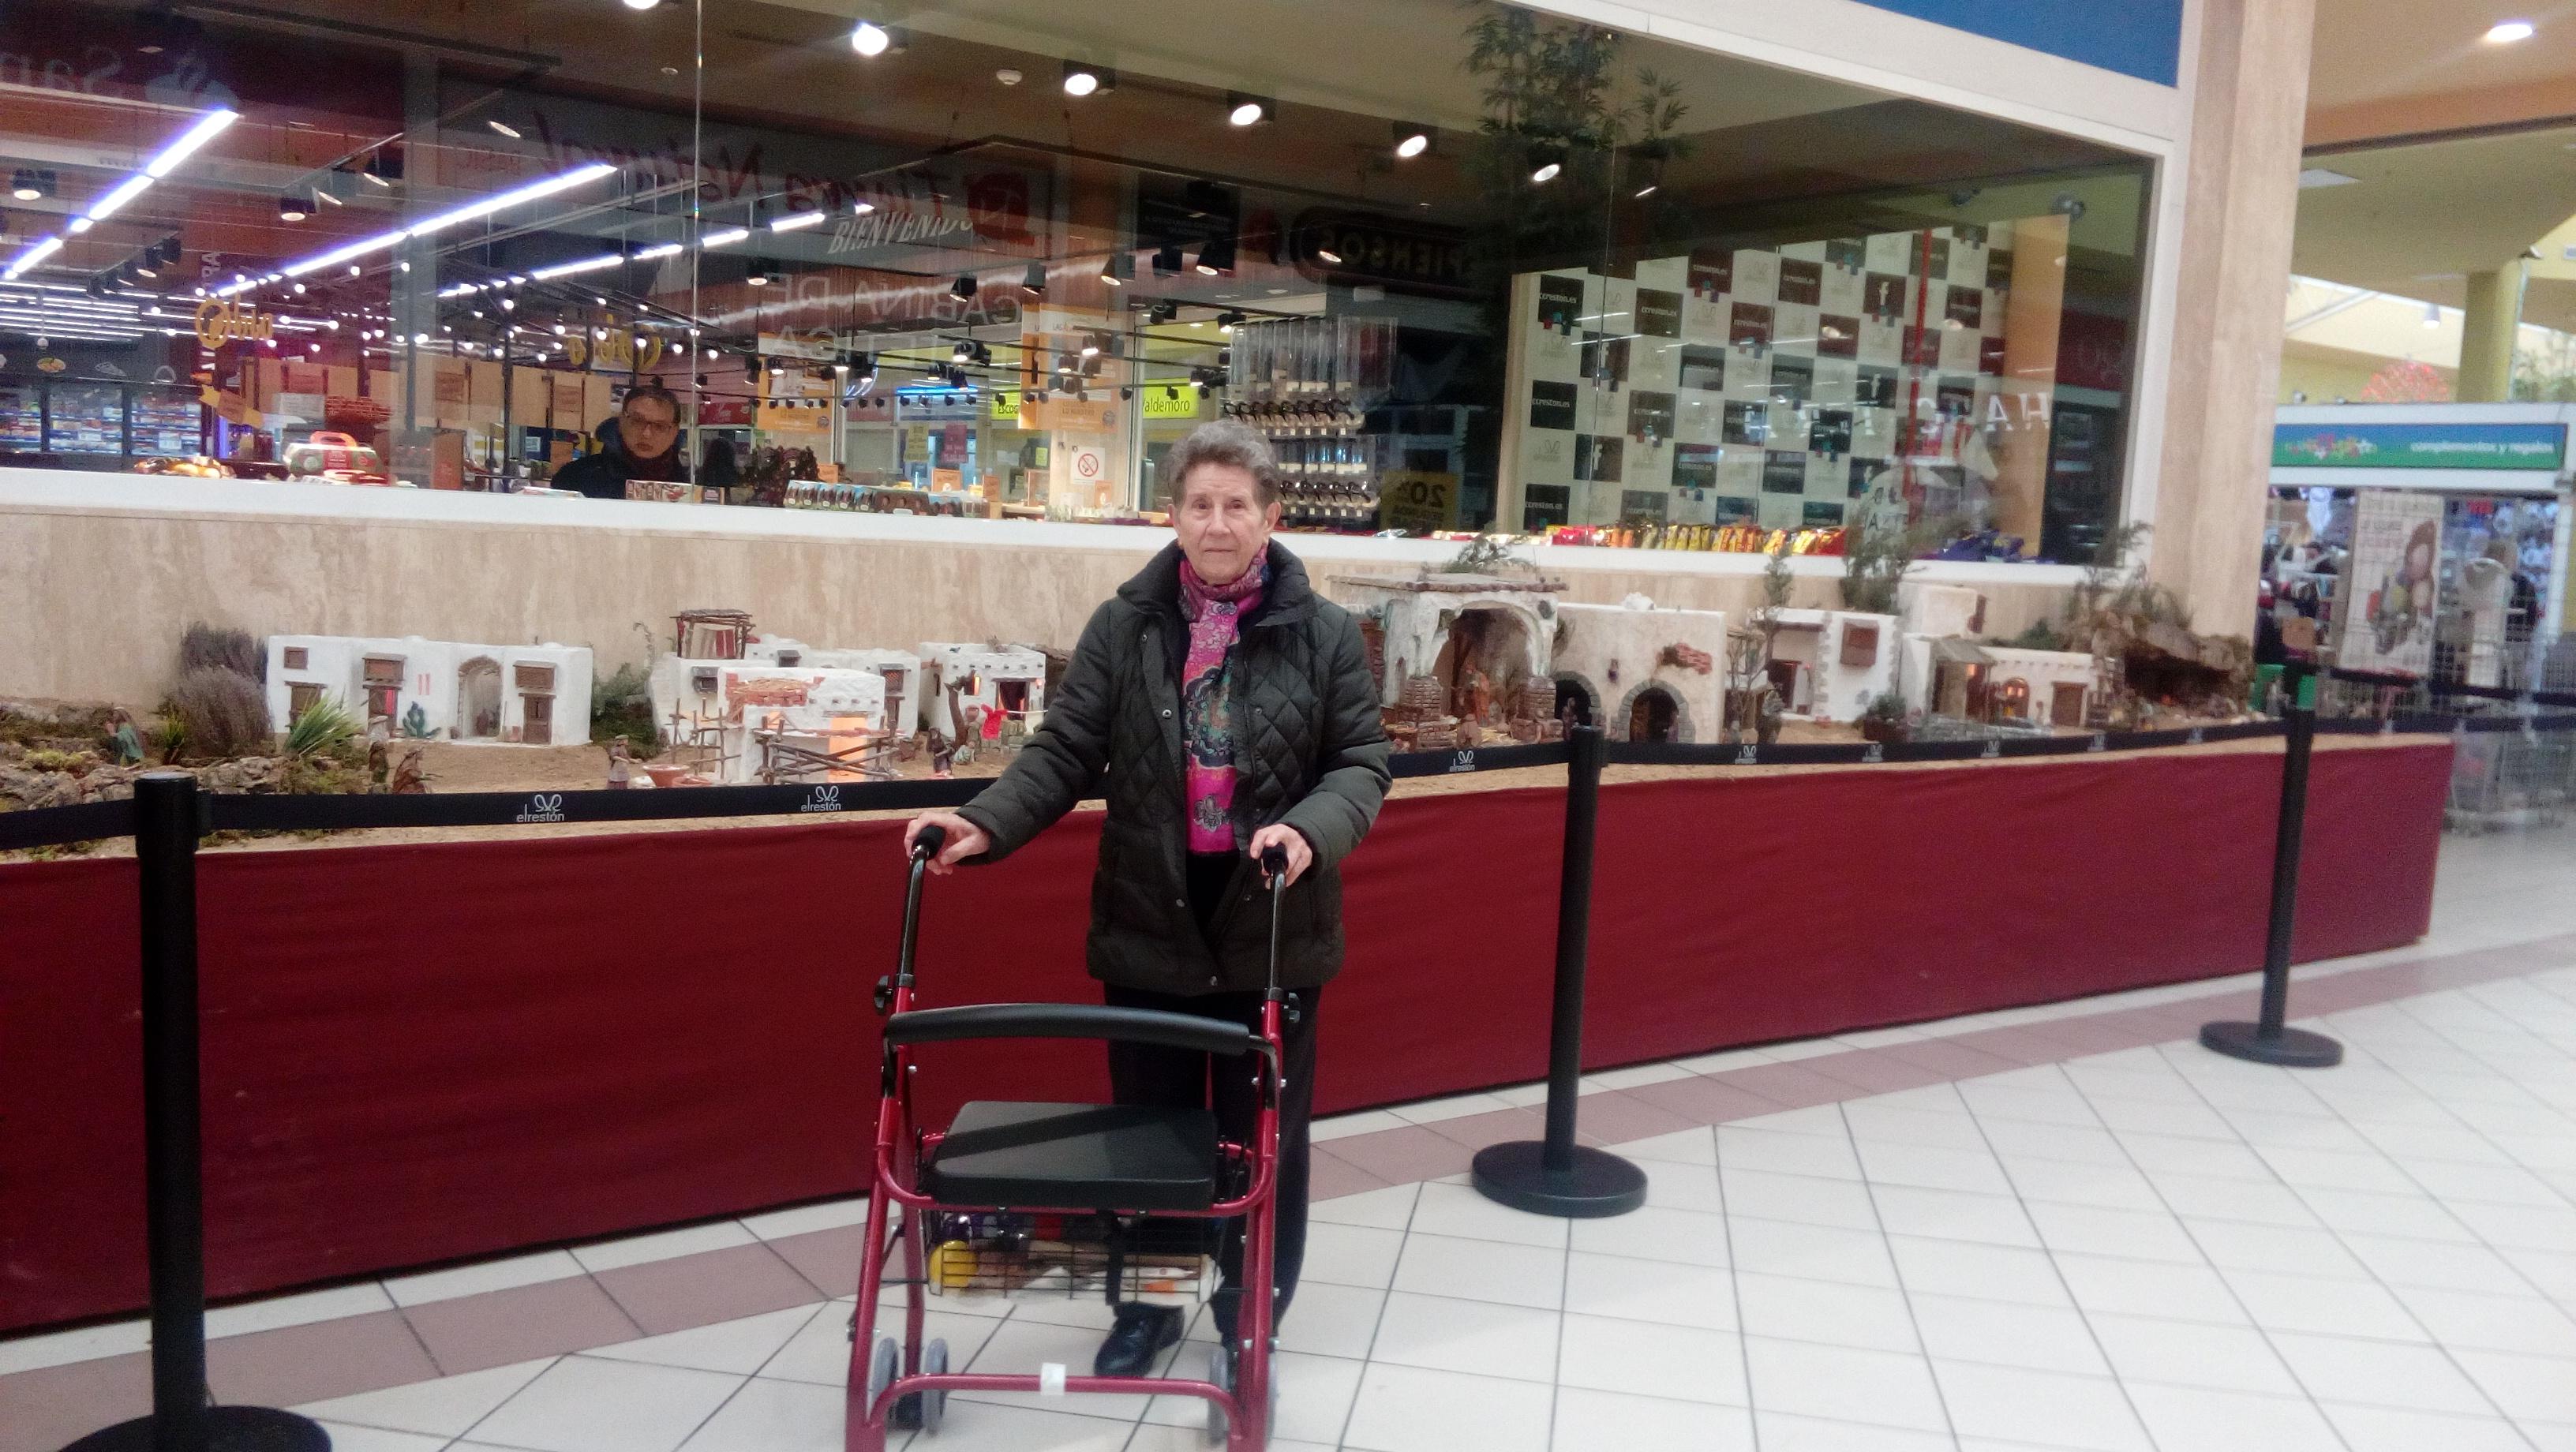 DomusVi Valdemoro visita al Belen del centro comercial El Restón(7)